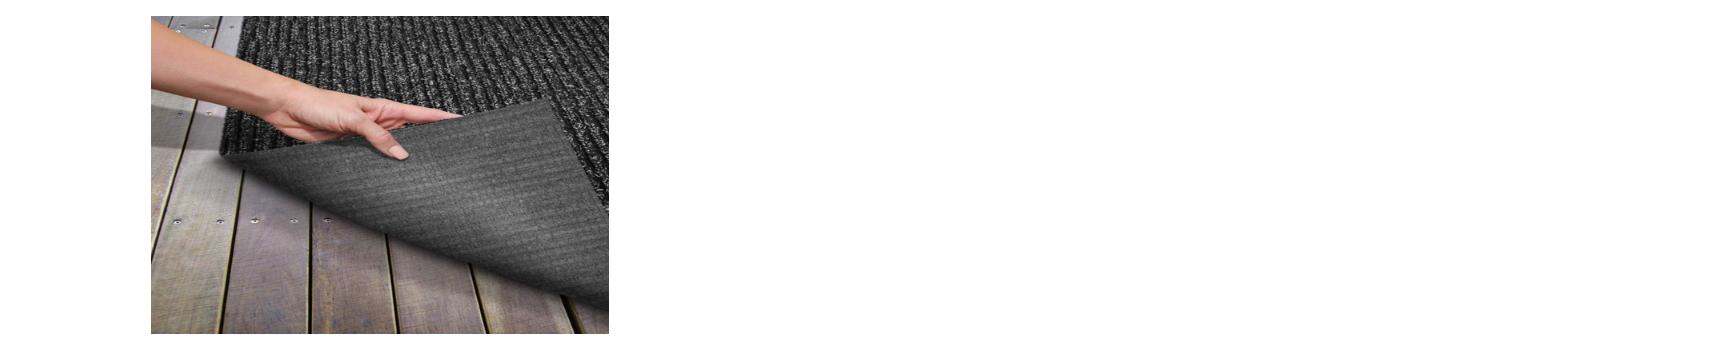 Tepisoni za vanjsku uporabu - web shop - Interijer Marko